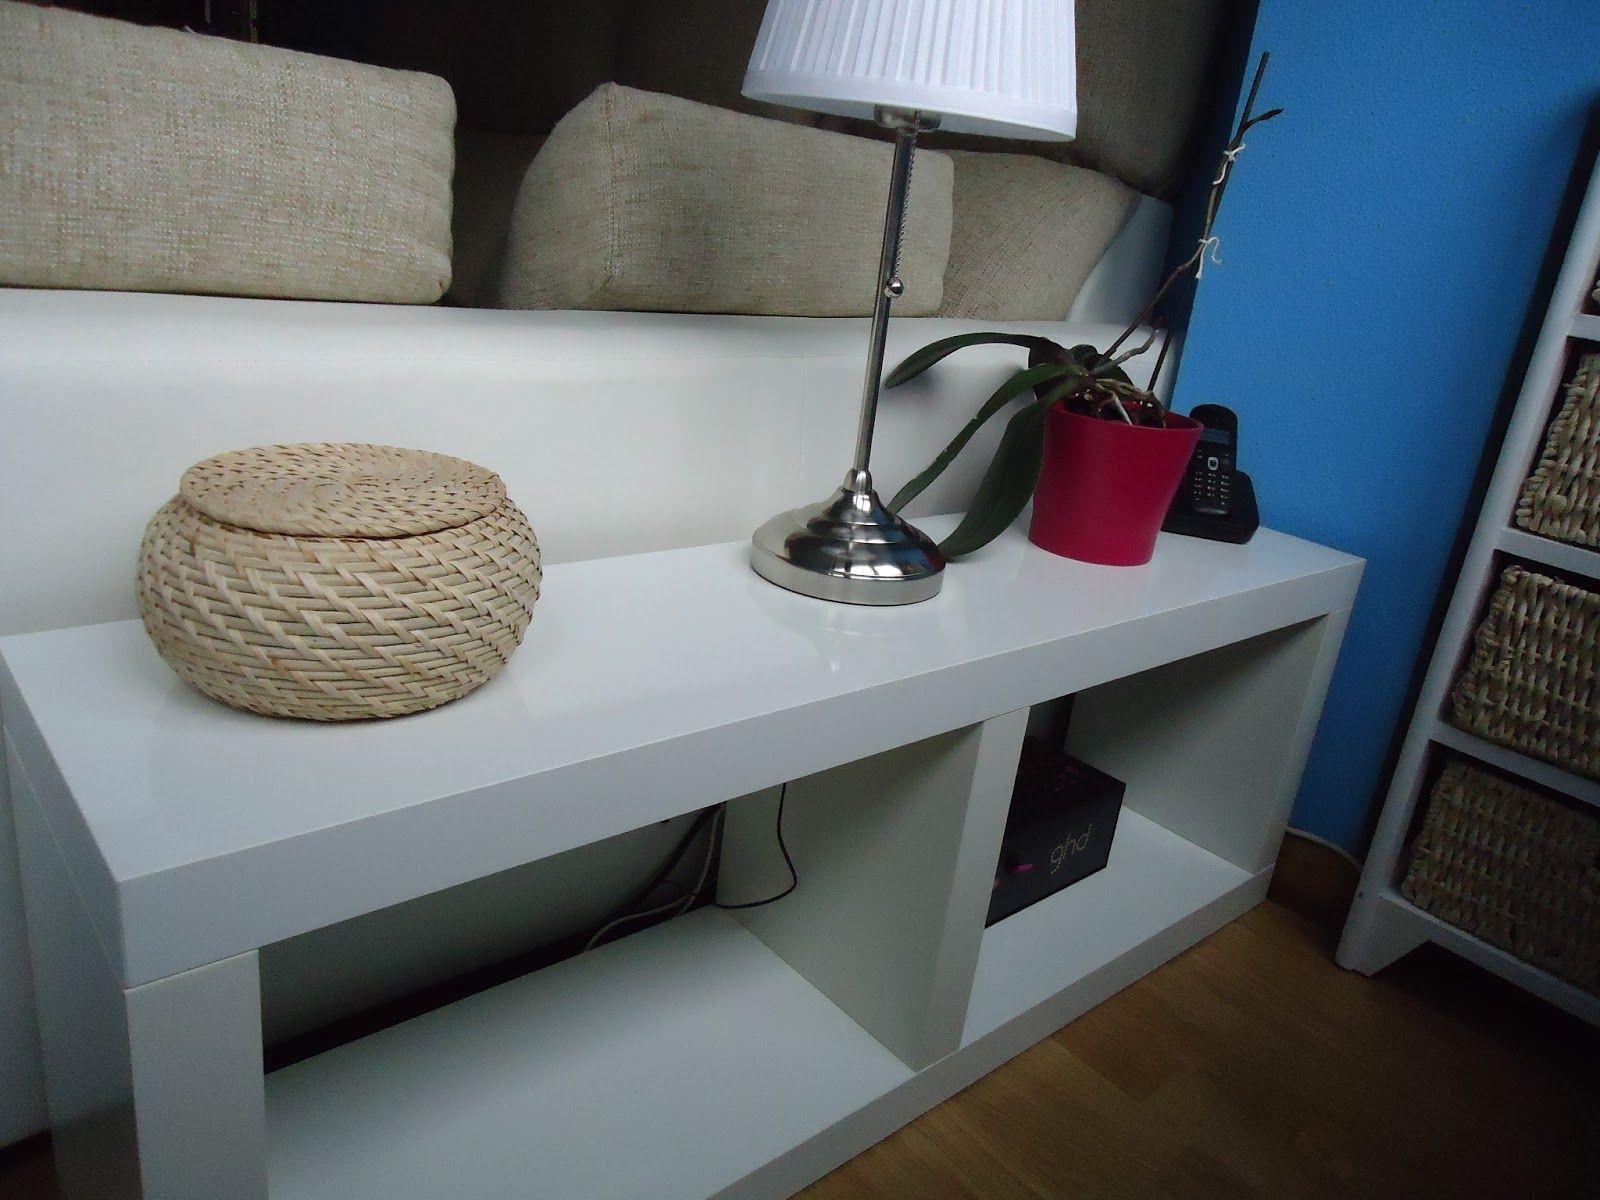 baldas LACK y cinta de doble cara muebles ikeando